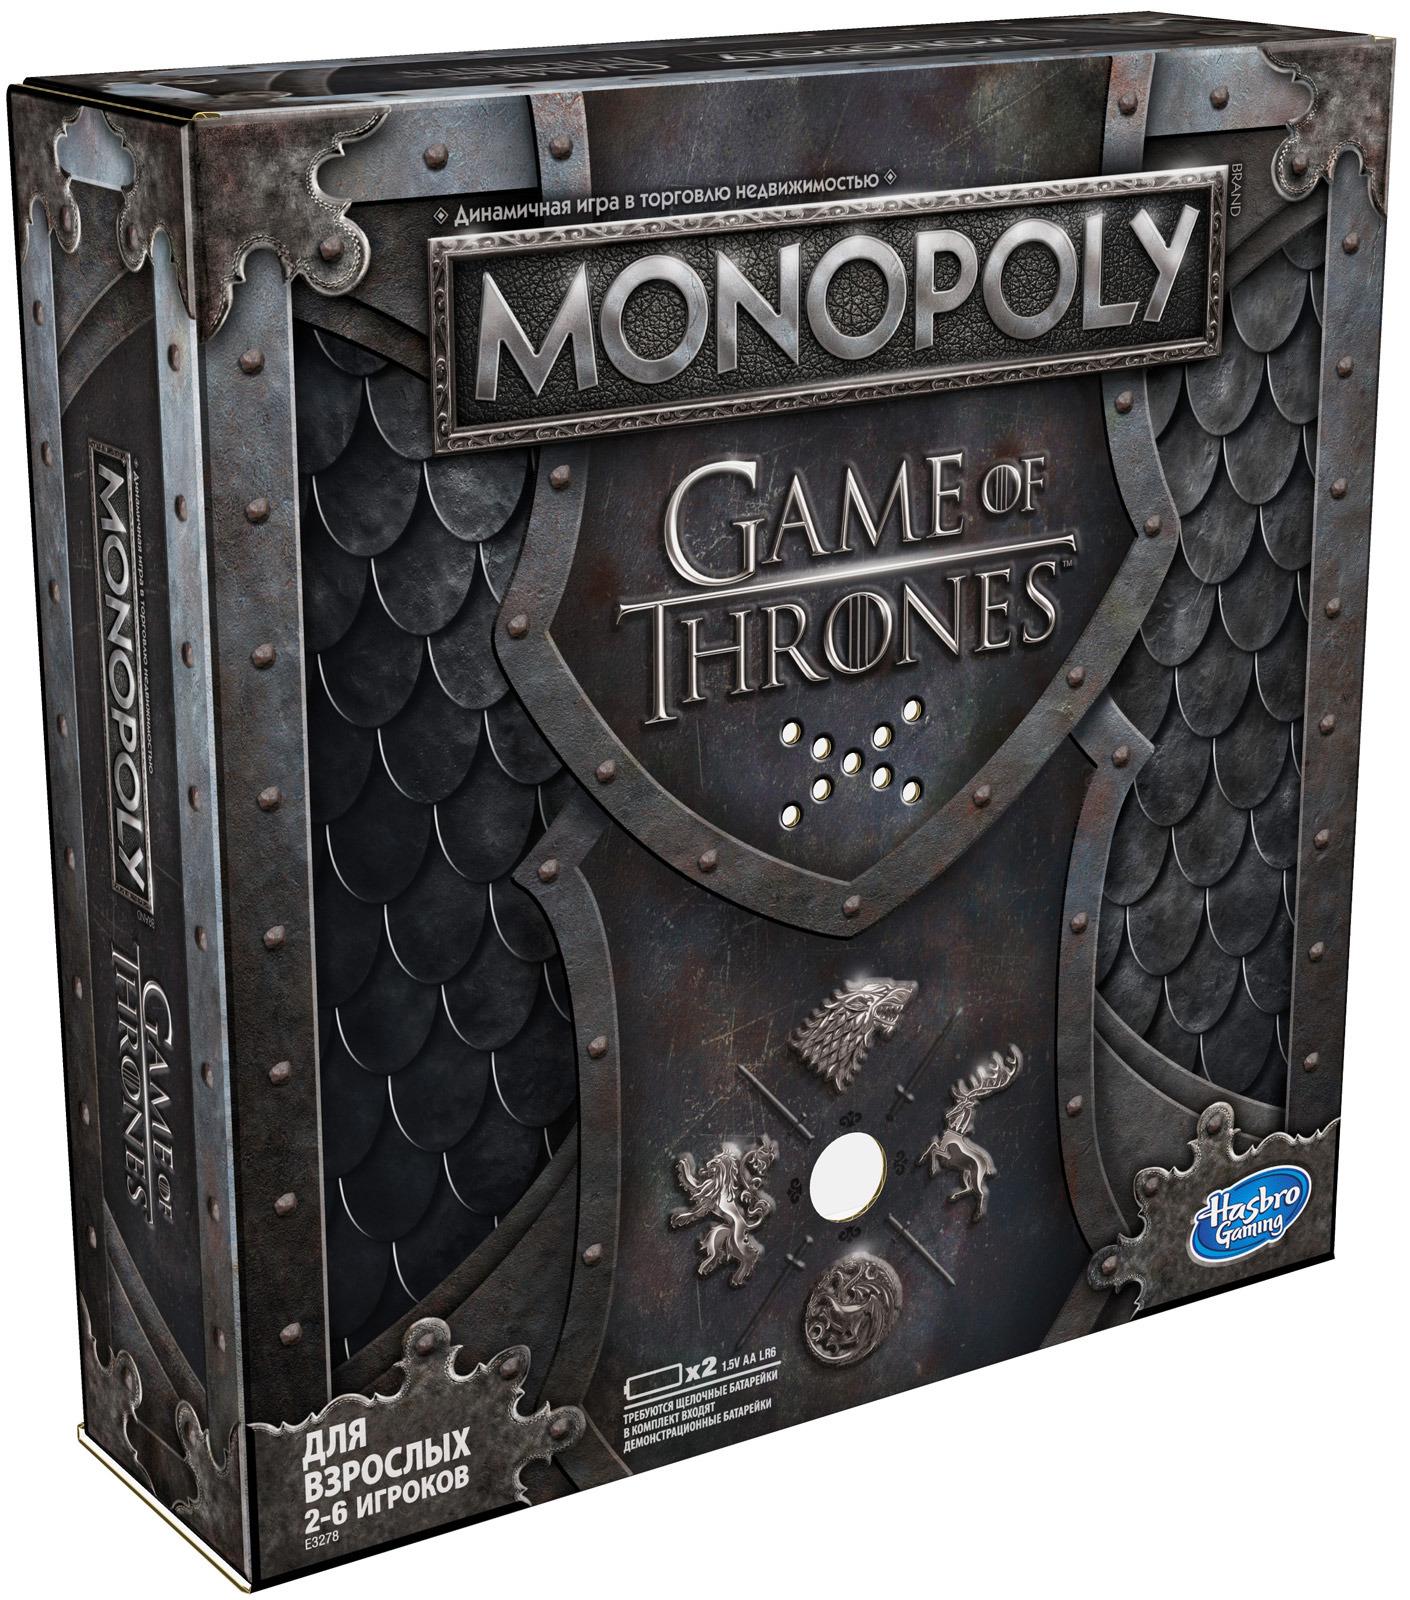 Настольная игра Monopoly Игра престолов, E3278121 игра настольная hasbro монополия игра престолов e3278